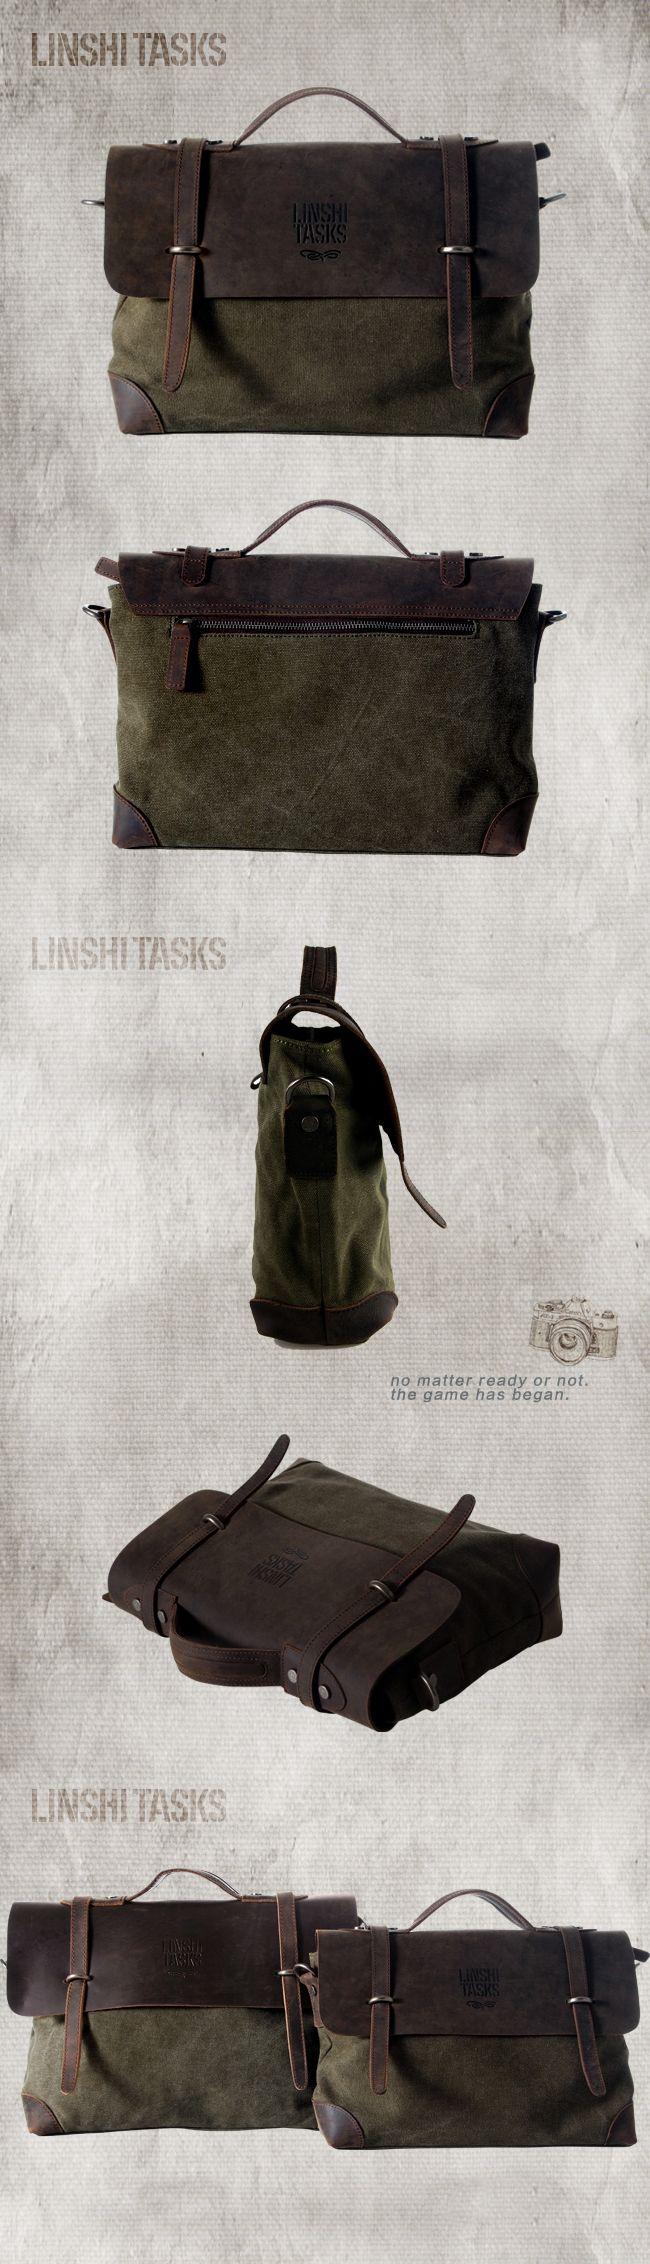 Очень интересный мужской портфель от бренда LINSHI TASKS в зелено-коричневых оттенках. Прочный брезент, натруальная кожа, качественная металлическая фурнитура.  Купить его вы сможете тут - http://linshitasks.ru/kozhanye-muzhskie-portfeli/delovoj-portfel-iz-kozhi.html